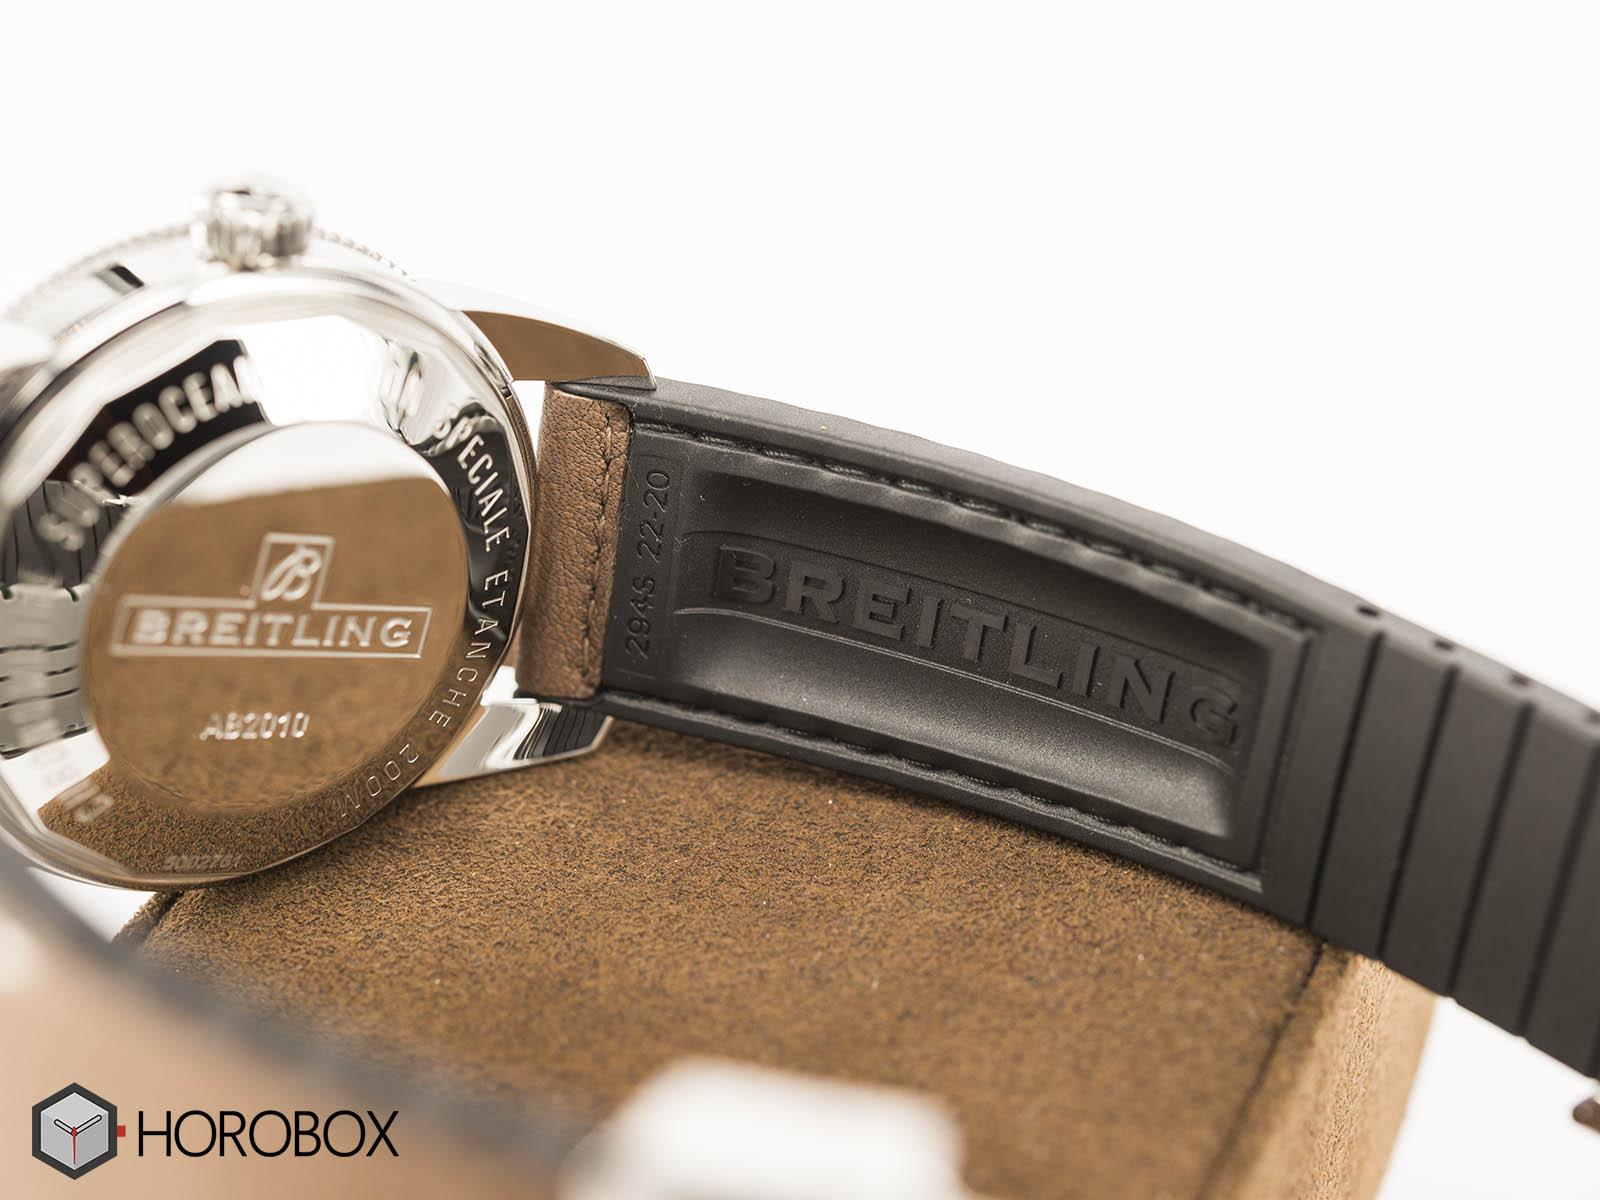 Breitling-Superocean-Heritage-42mm-6.jpg